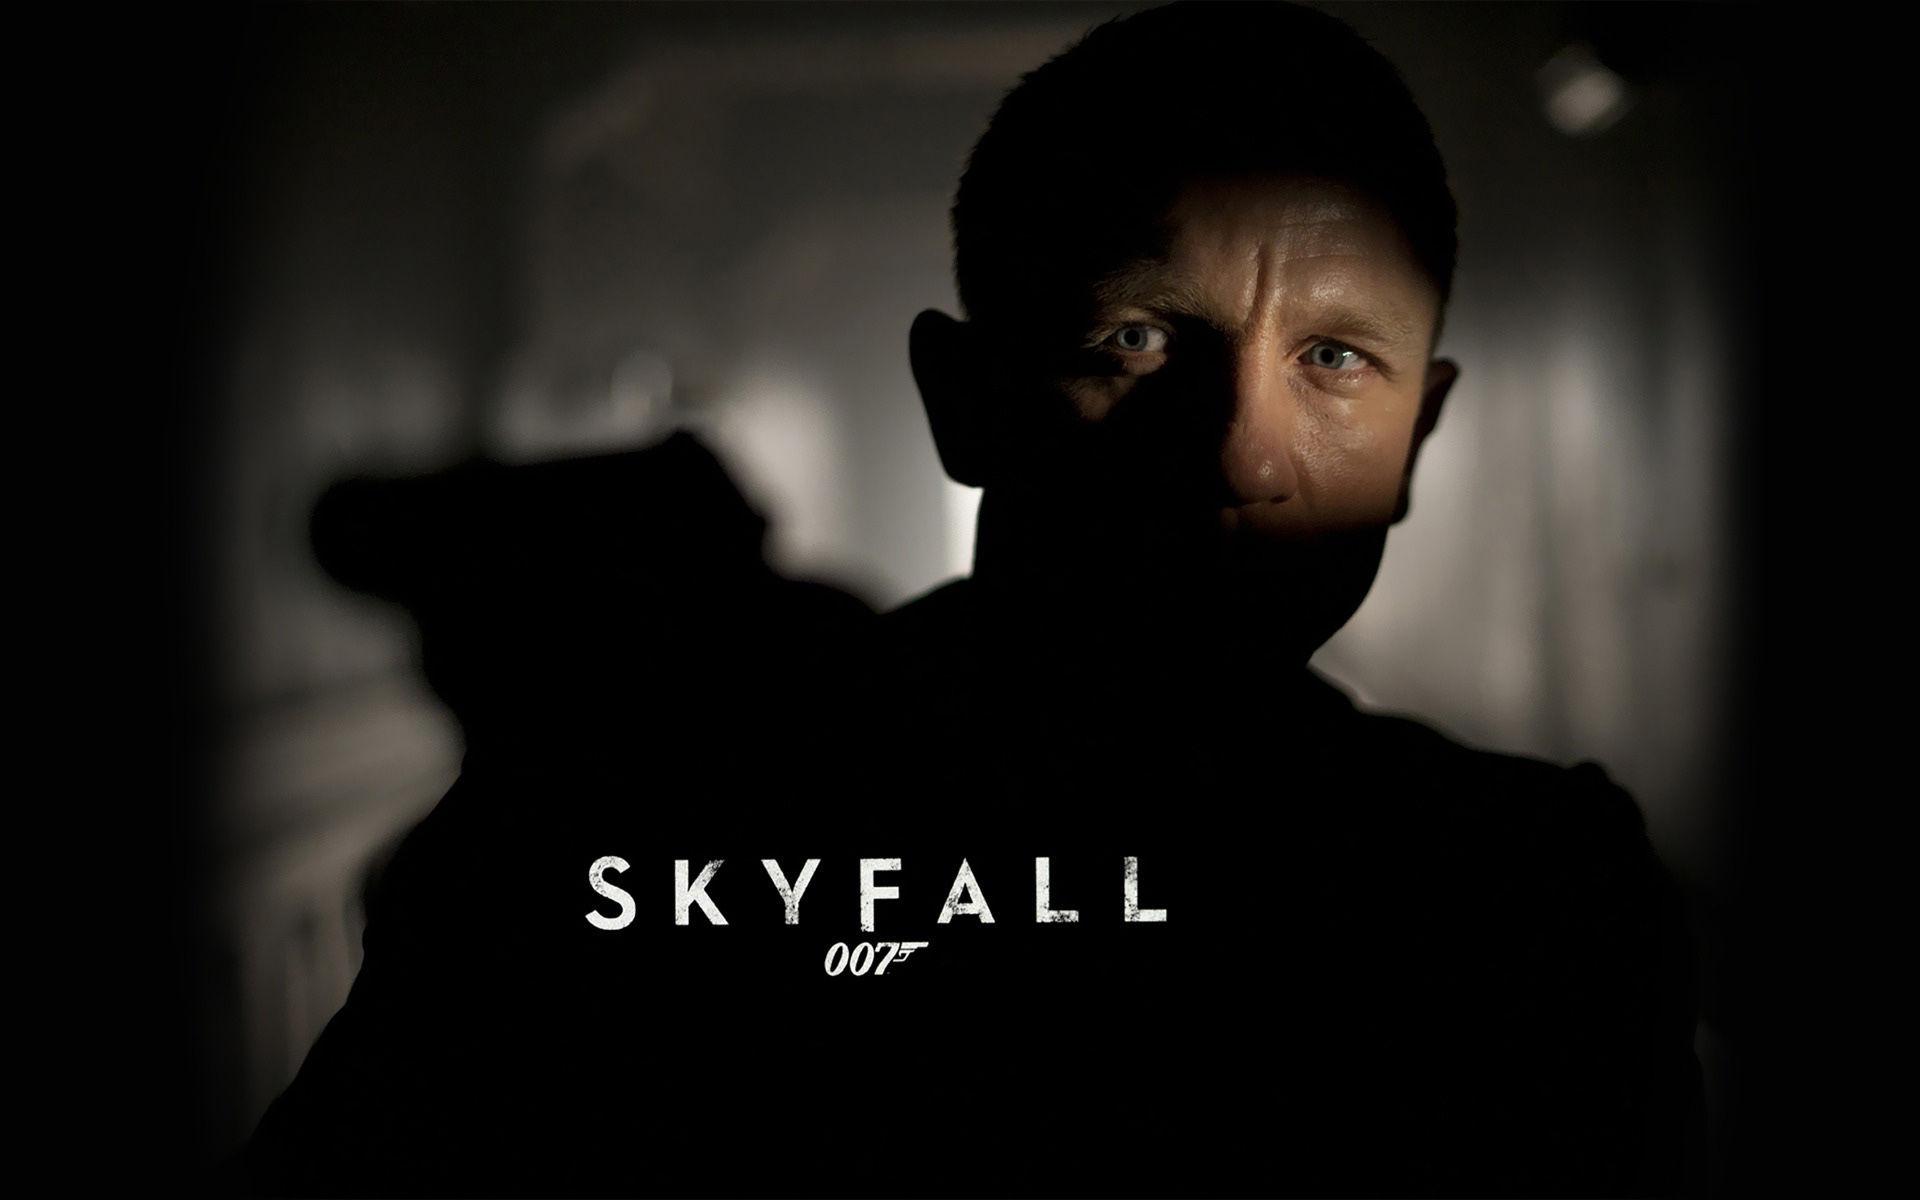 007 skyfall fonds d - photo #14